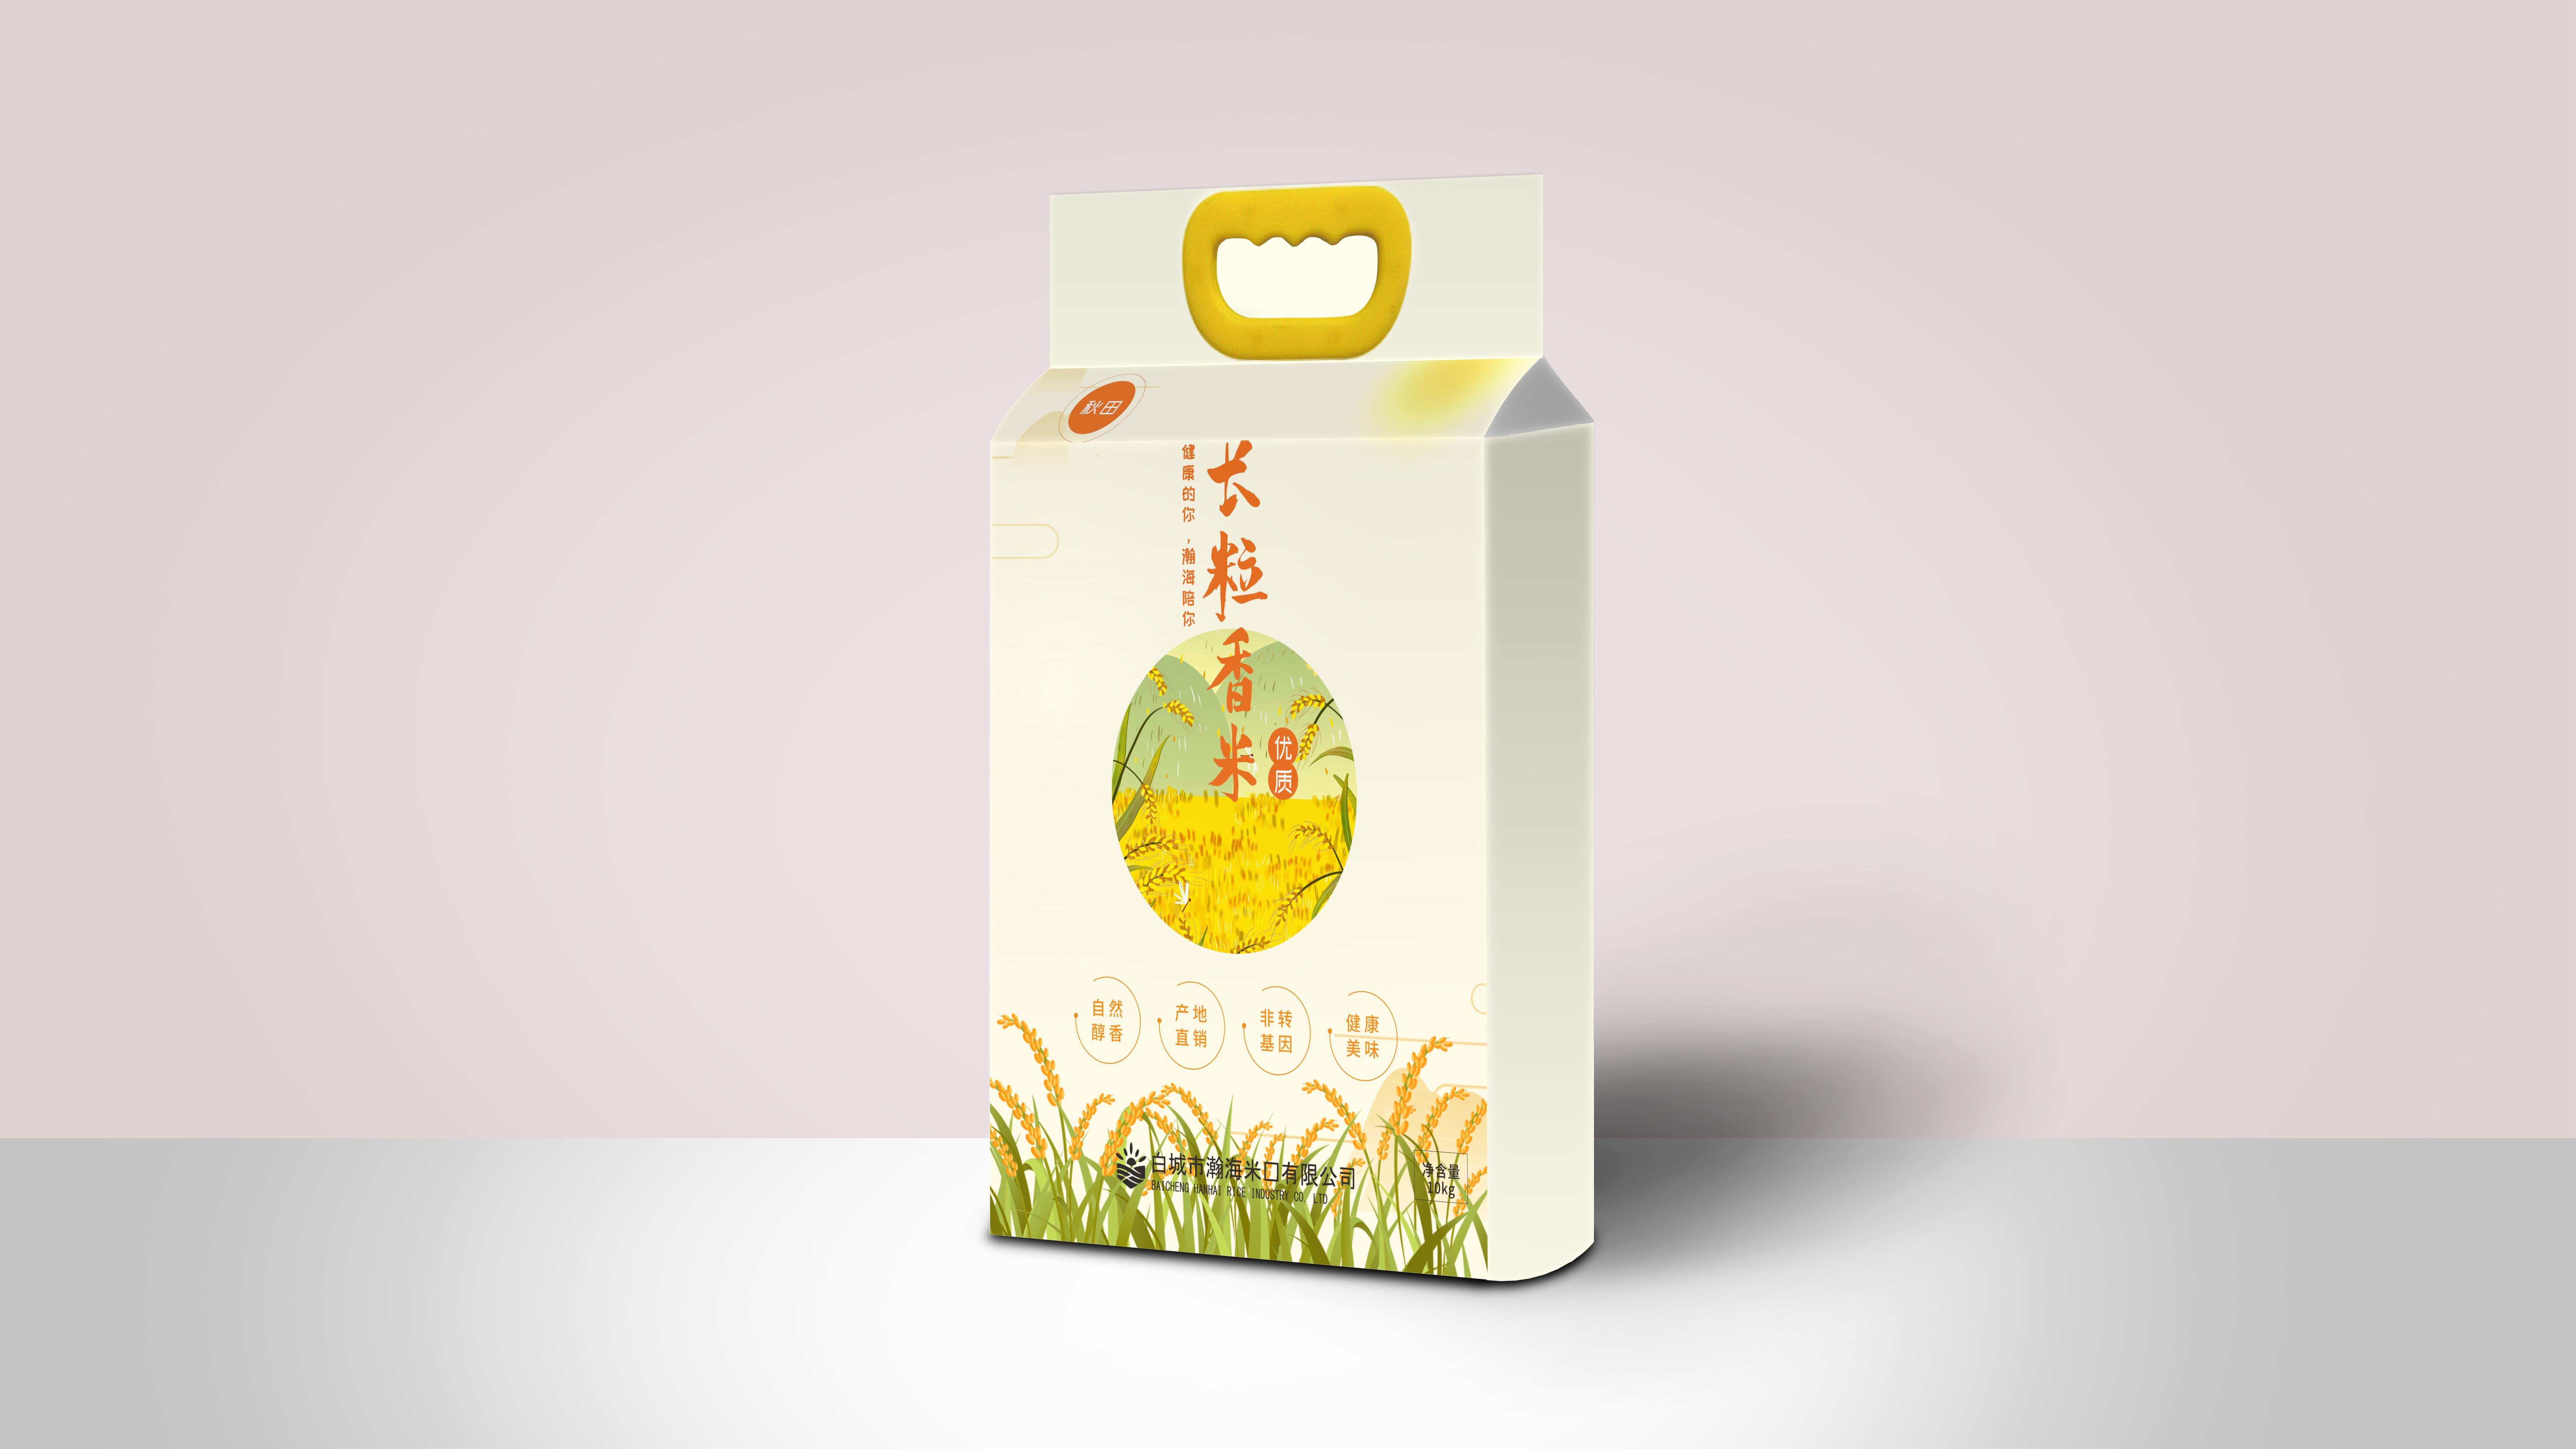 集利大米品牌包装设计